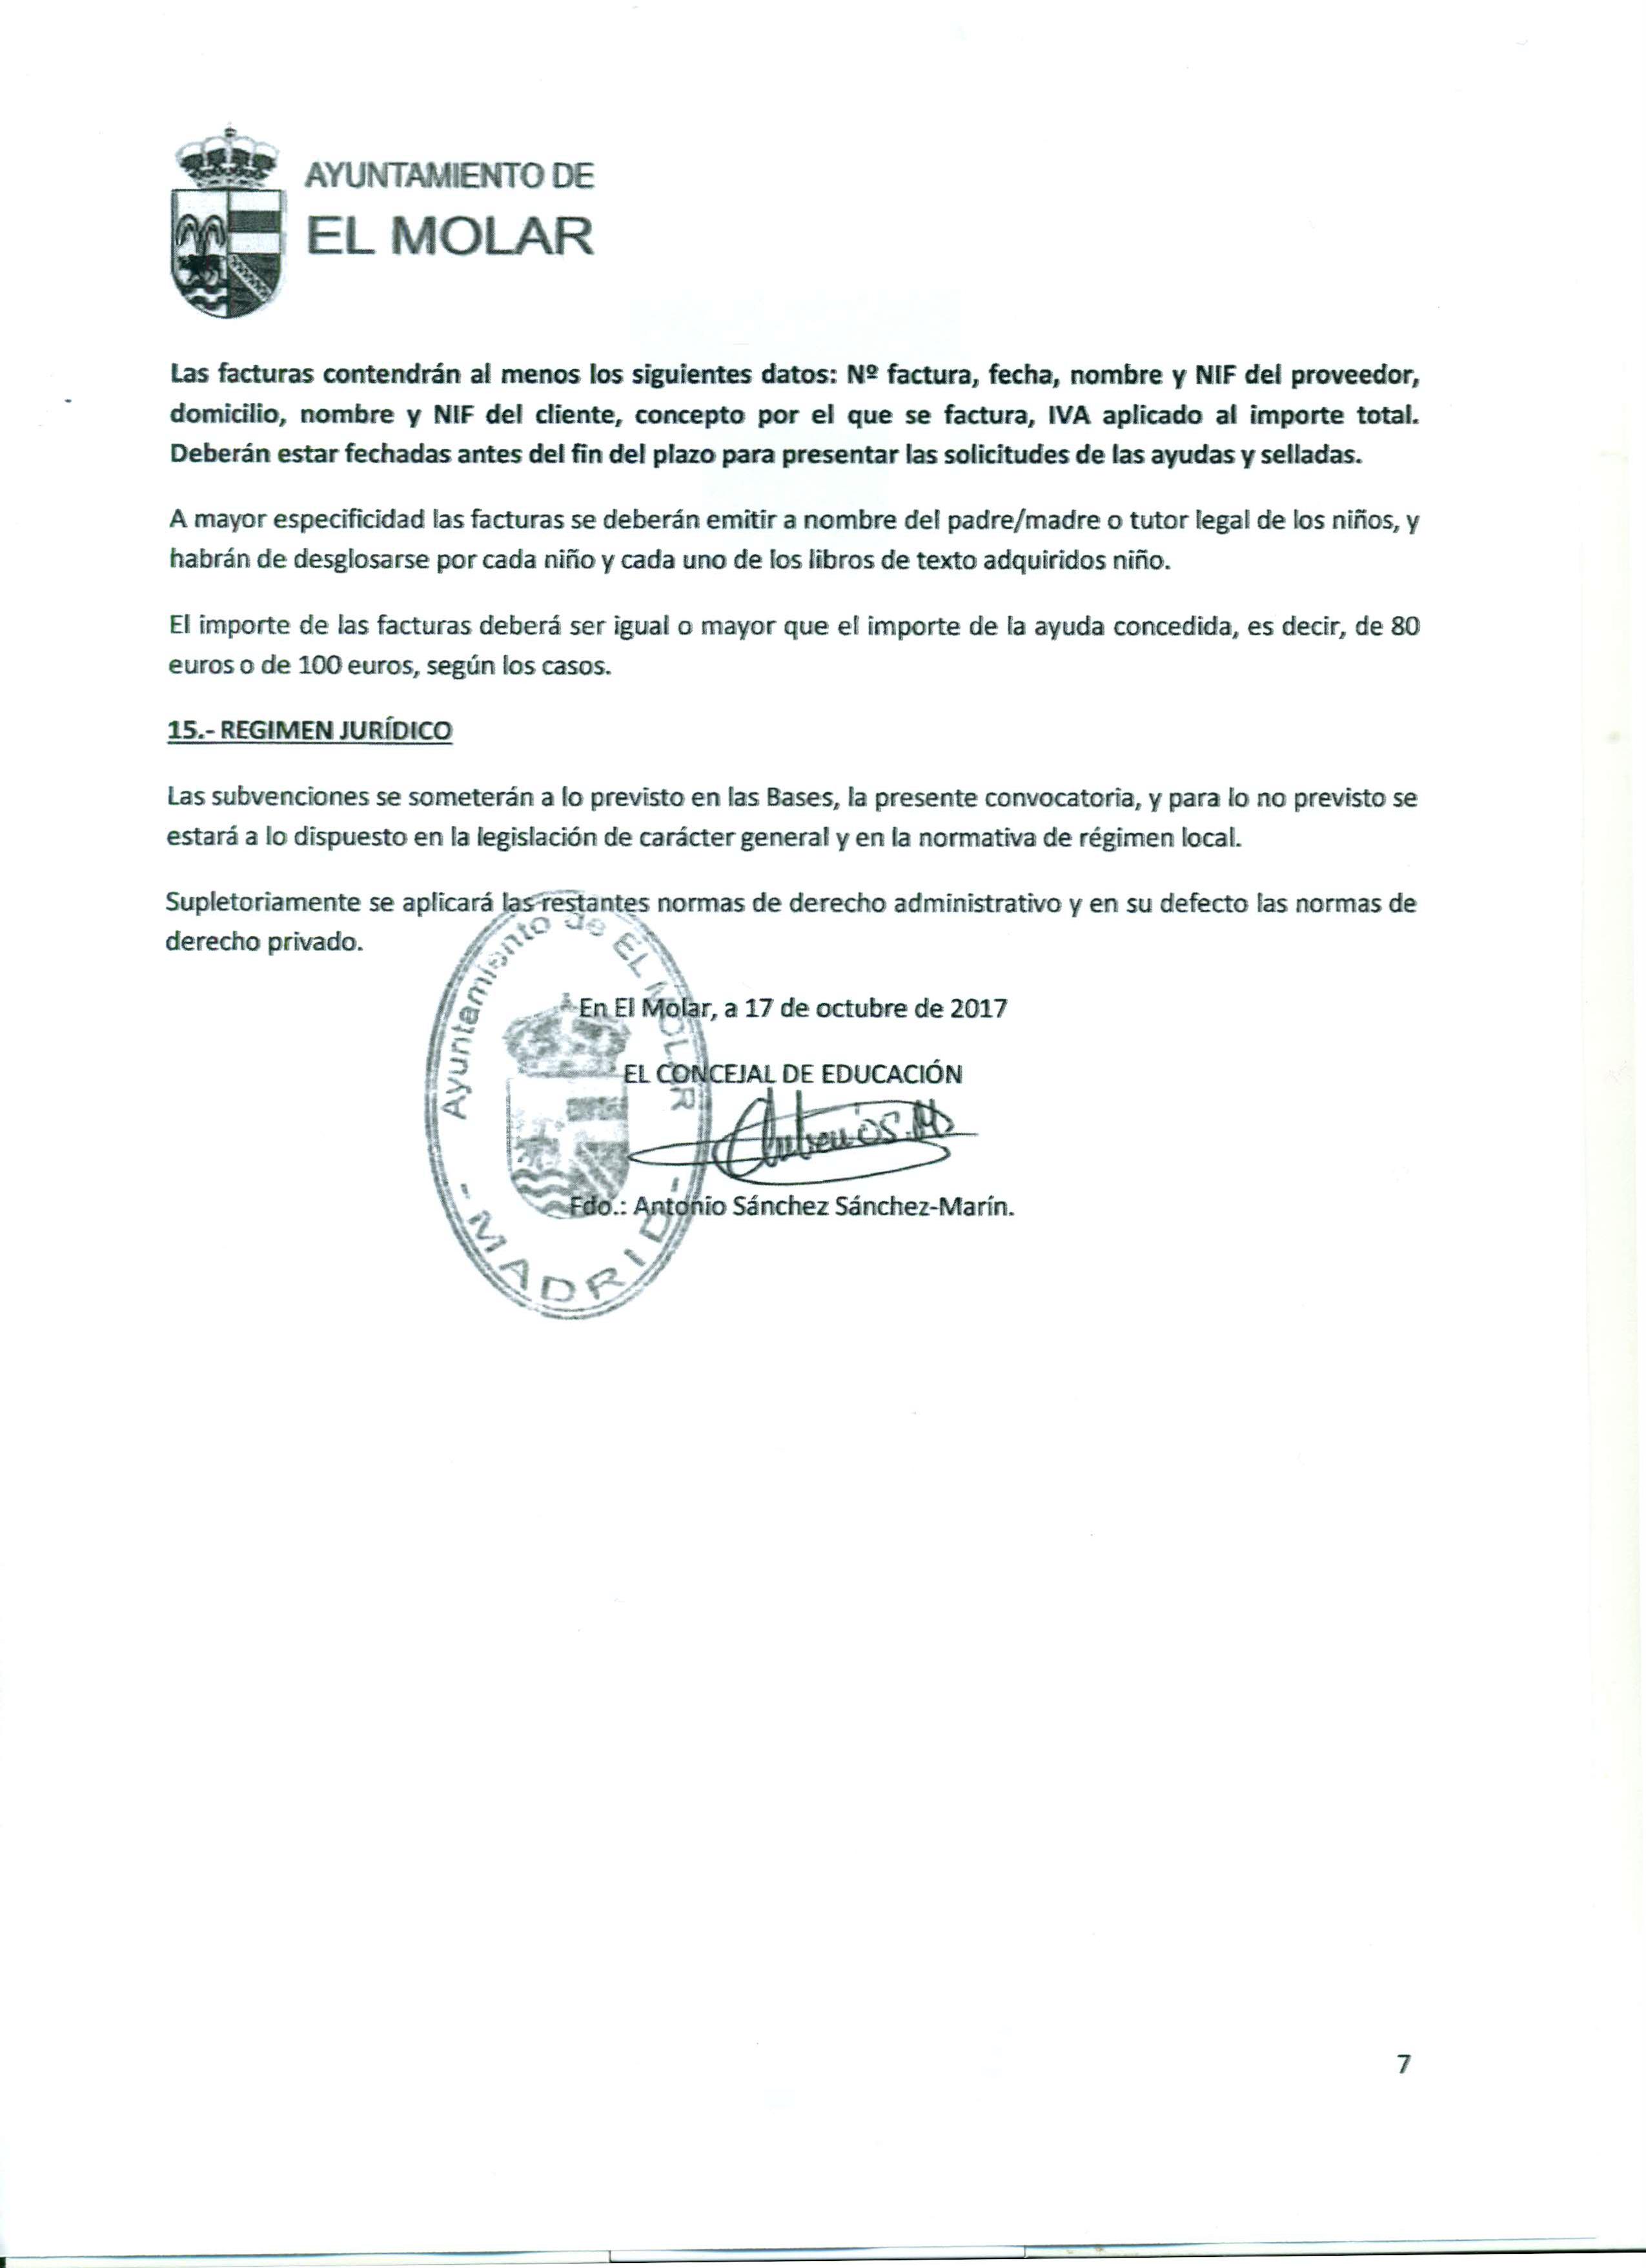 Convocatoria de ayudas económicas, que otorga la Concejalía de Educación del Ayuntamiento de El Molar, para la adquisición de libros de texto para el curso académico 2017-2018 1